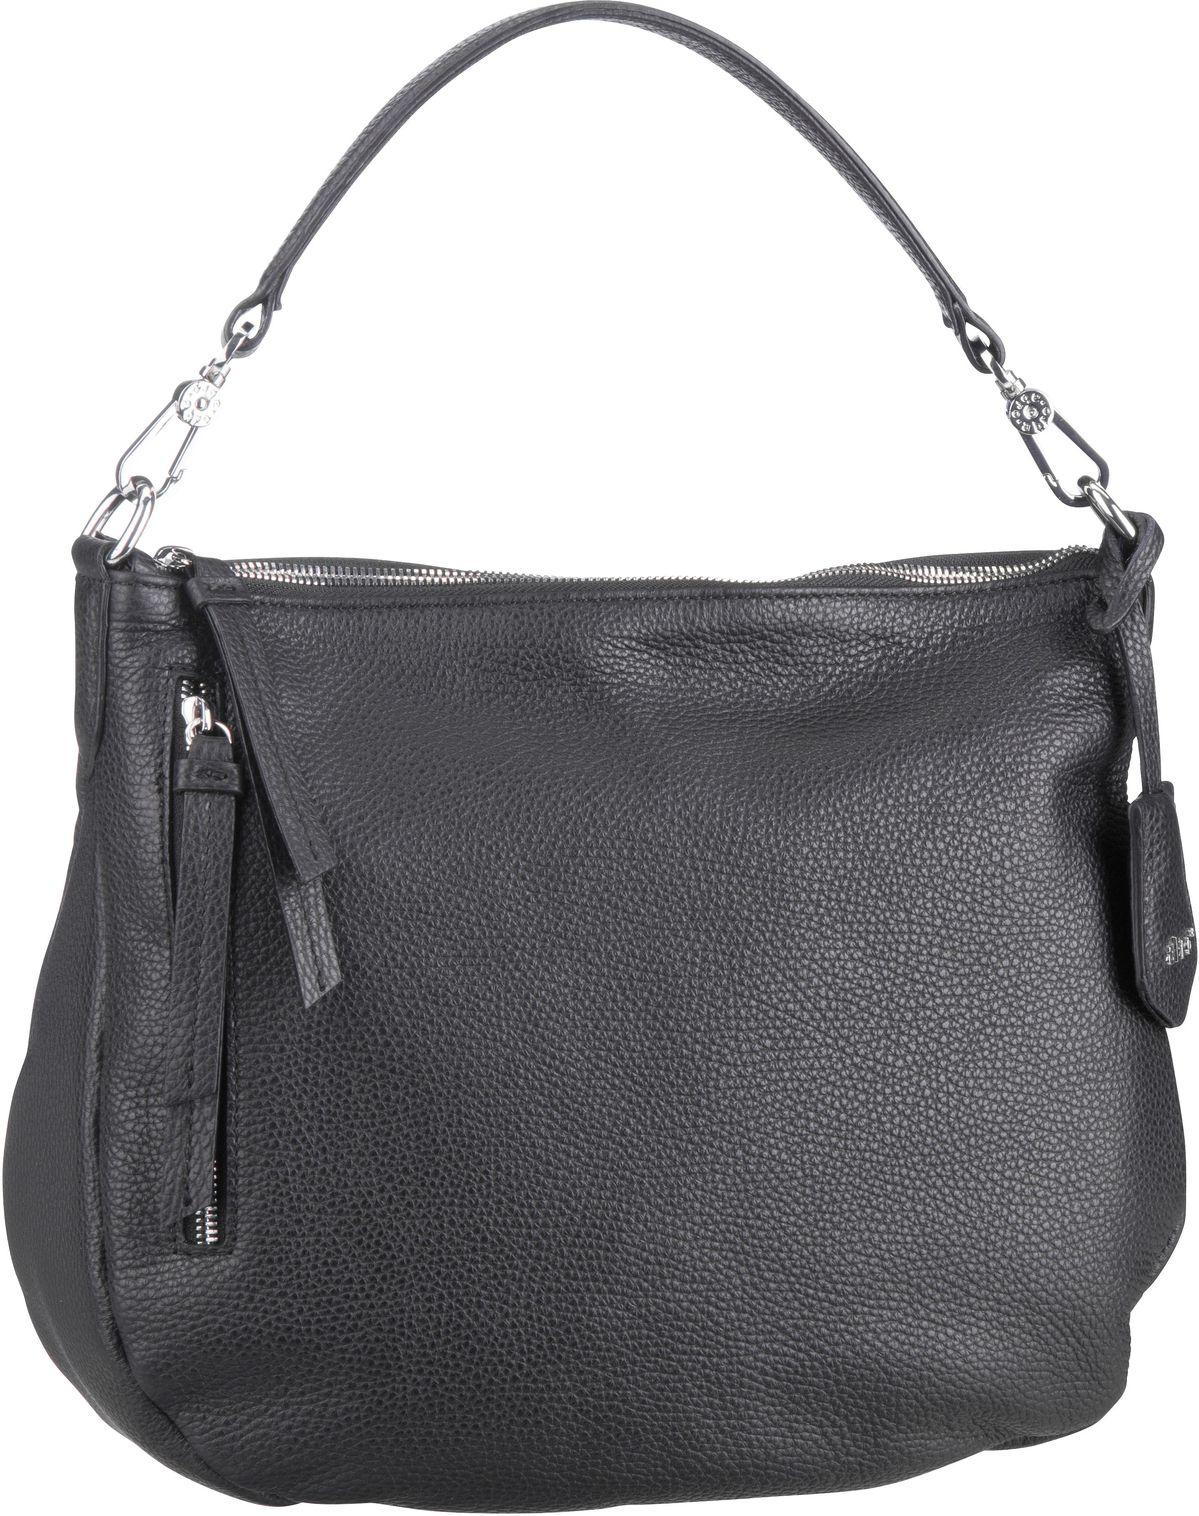 Handtasche Juna 28825 Black